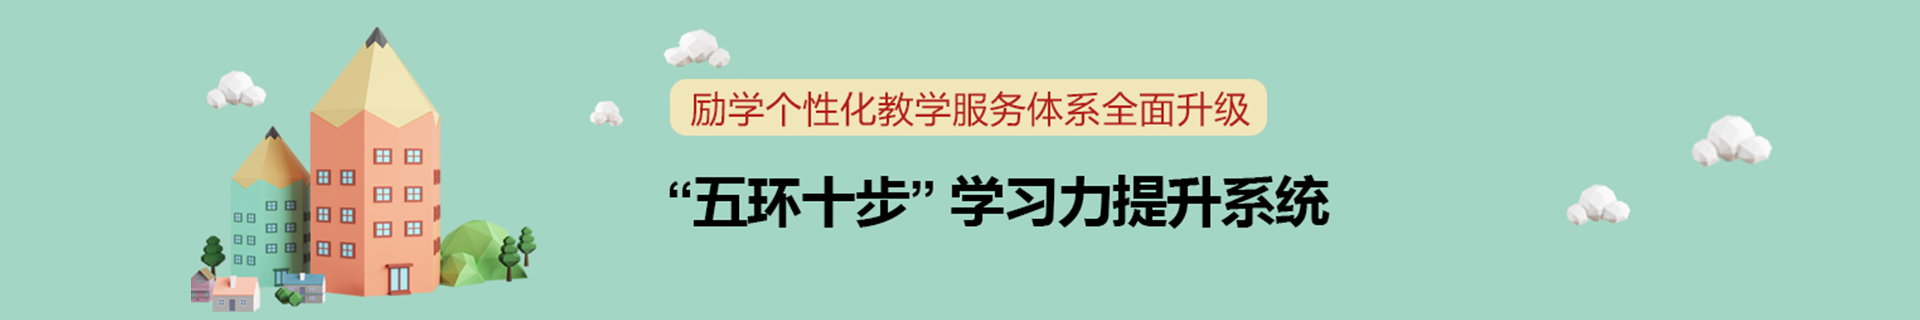 宜昌西陵区励学个性化教育